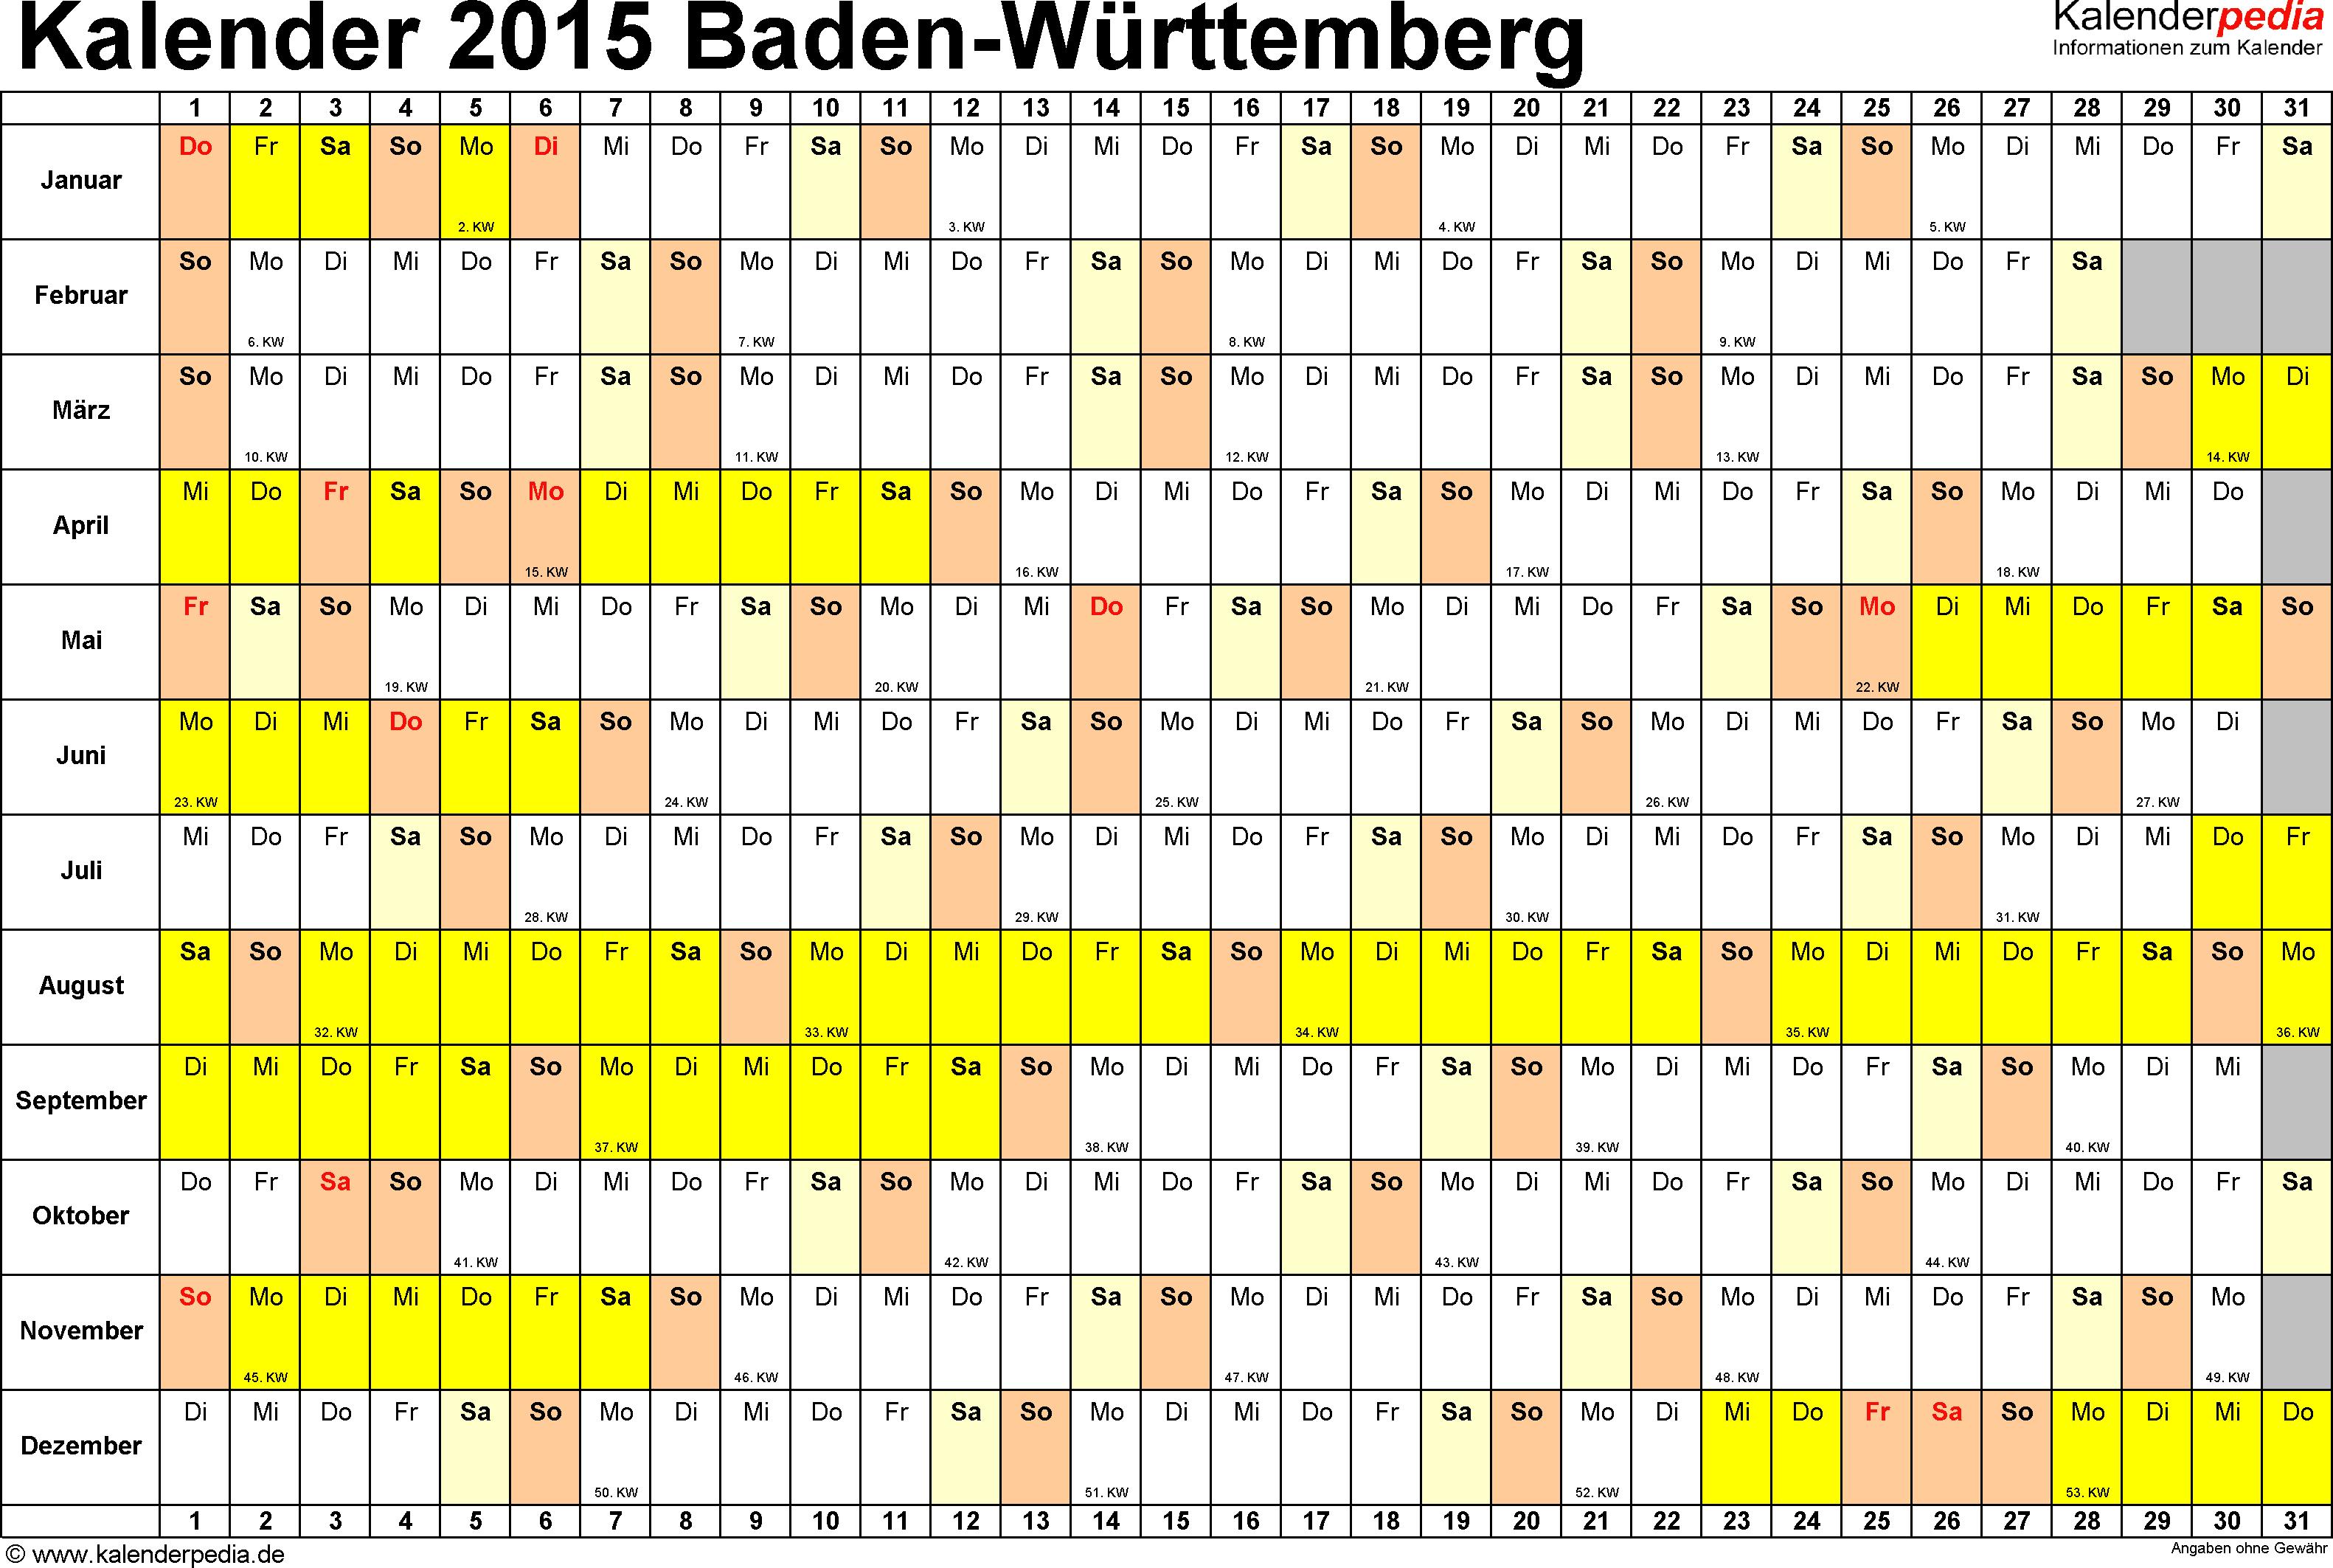 Vorlage 2: Kalender Baden-Württemberg 2015 im Querformat, Tage nebeneinander